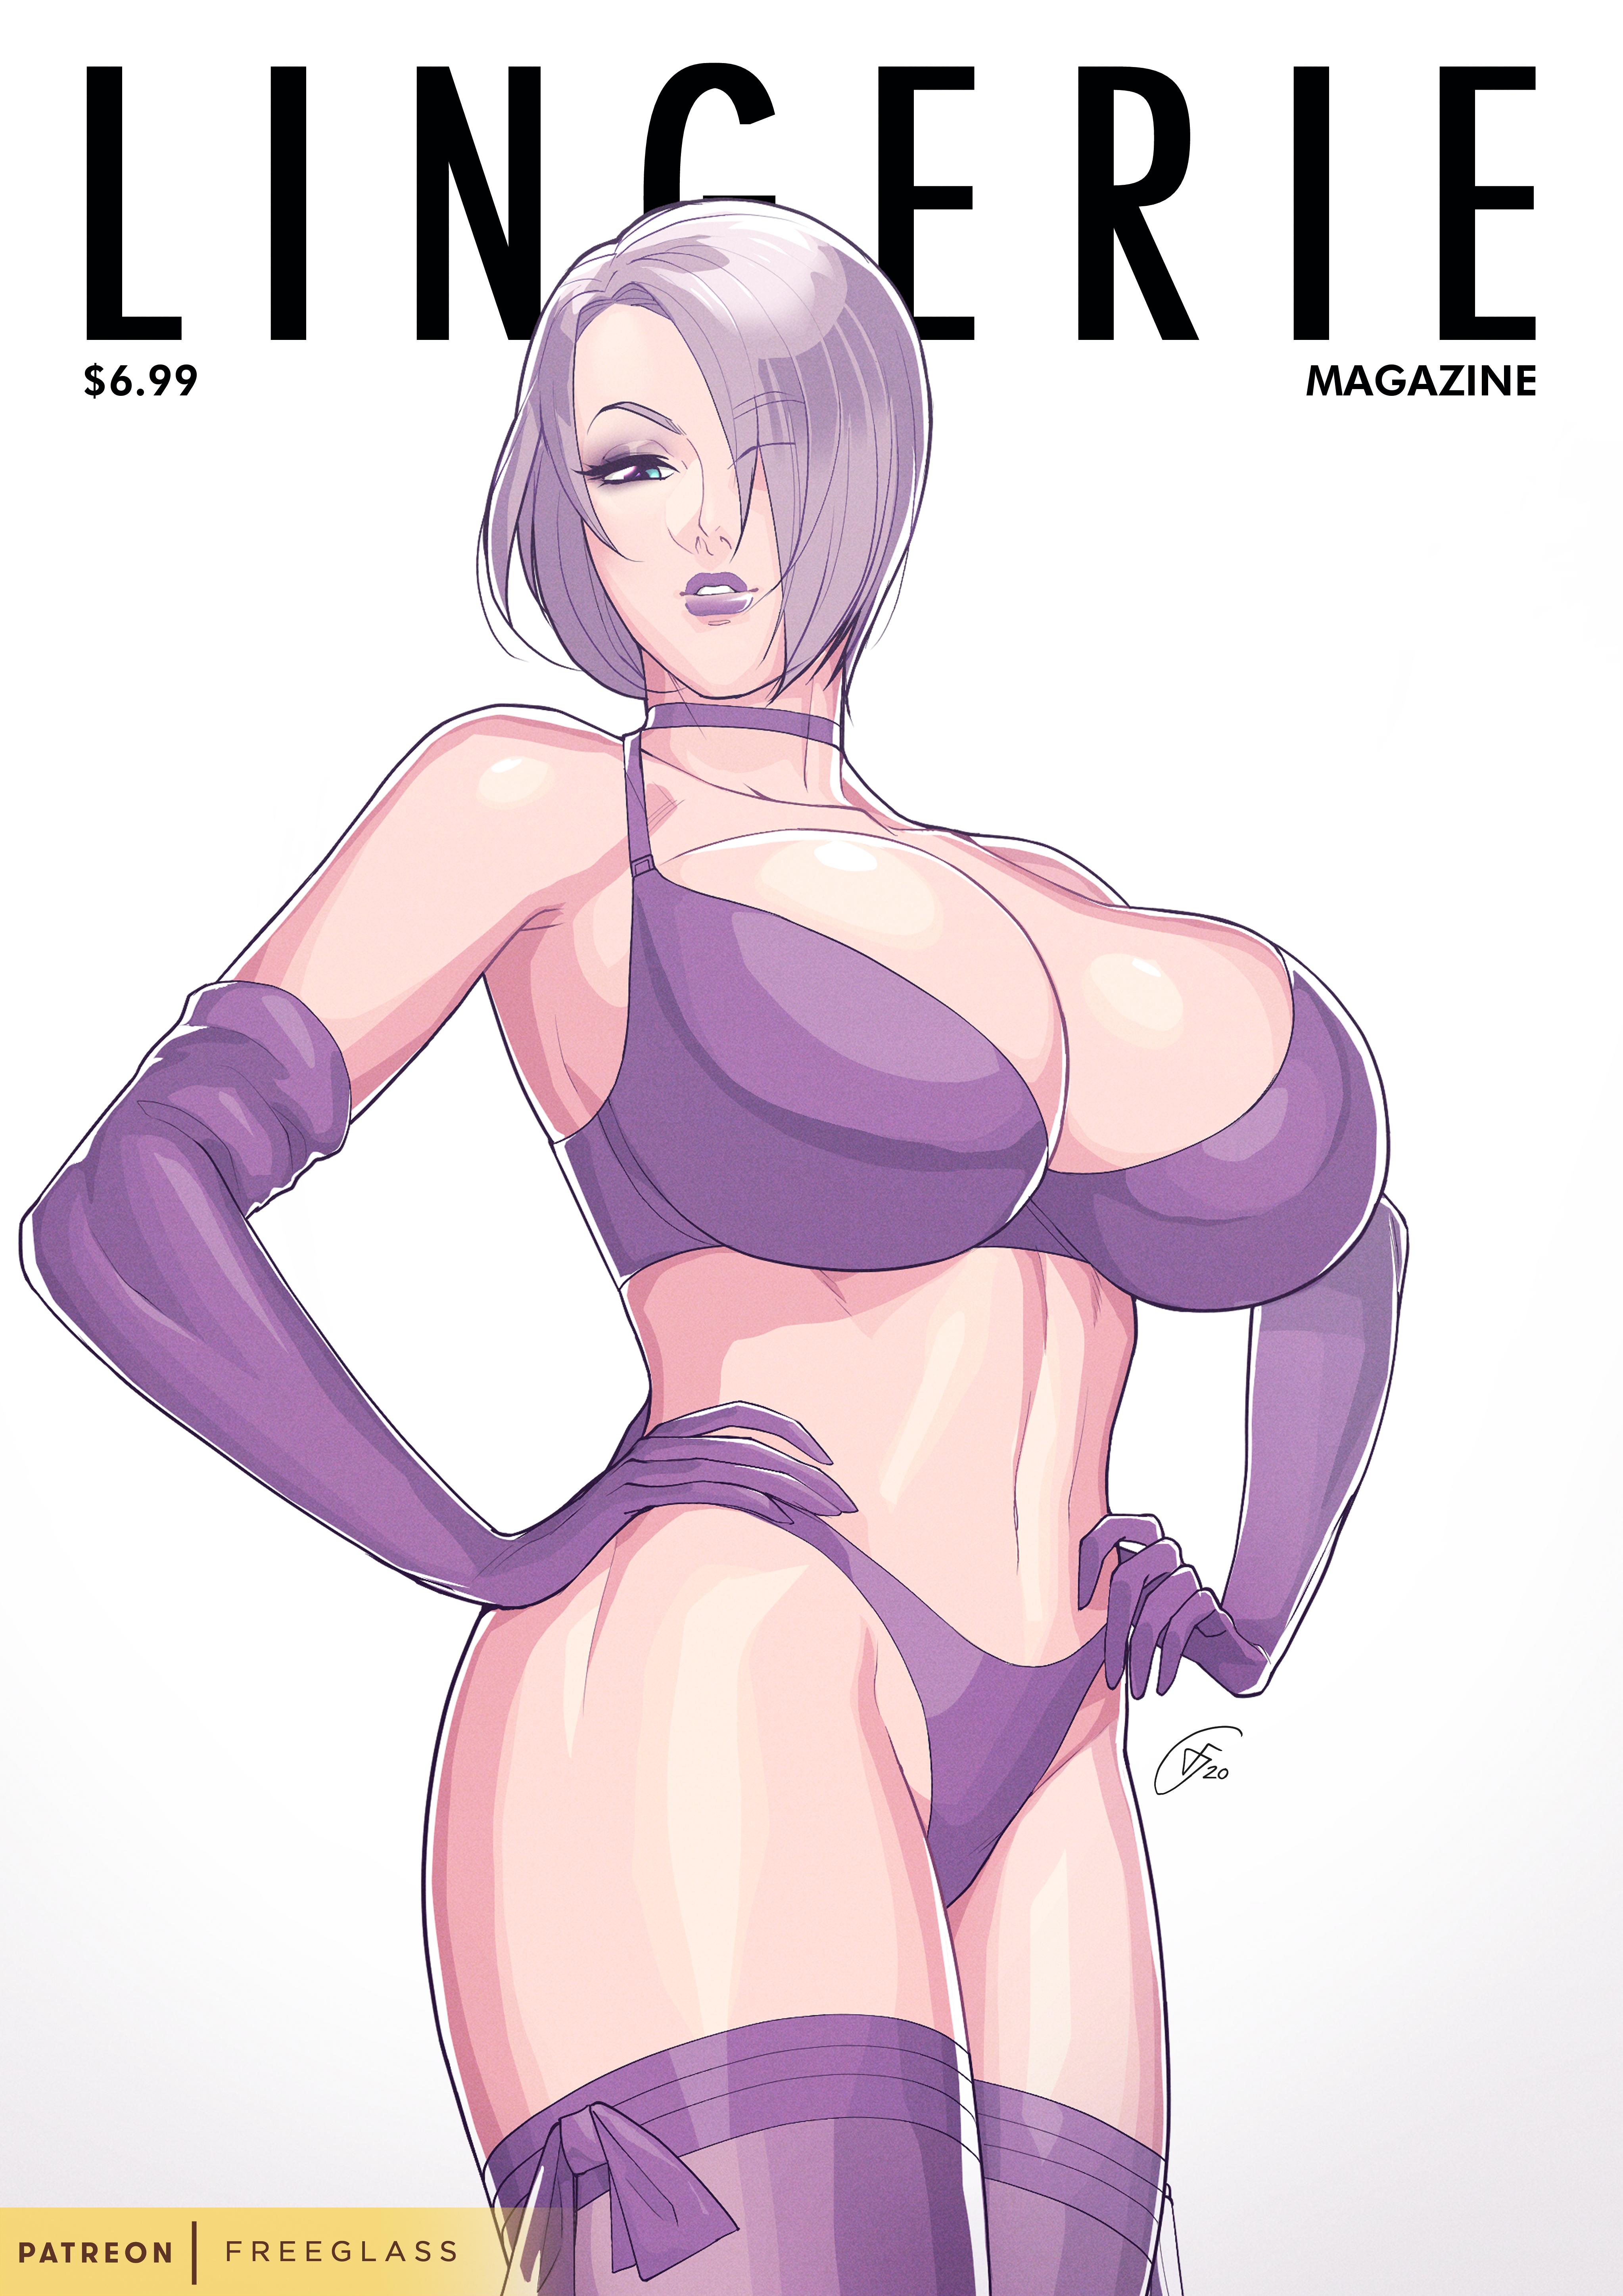 Lingerie Magazine Cover Girl - Ivy Valentine